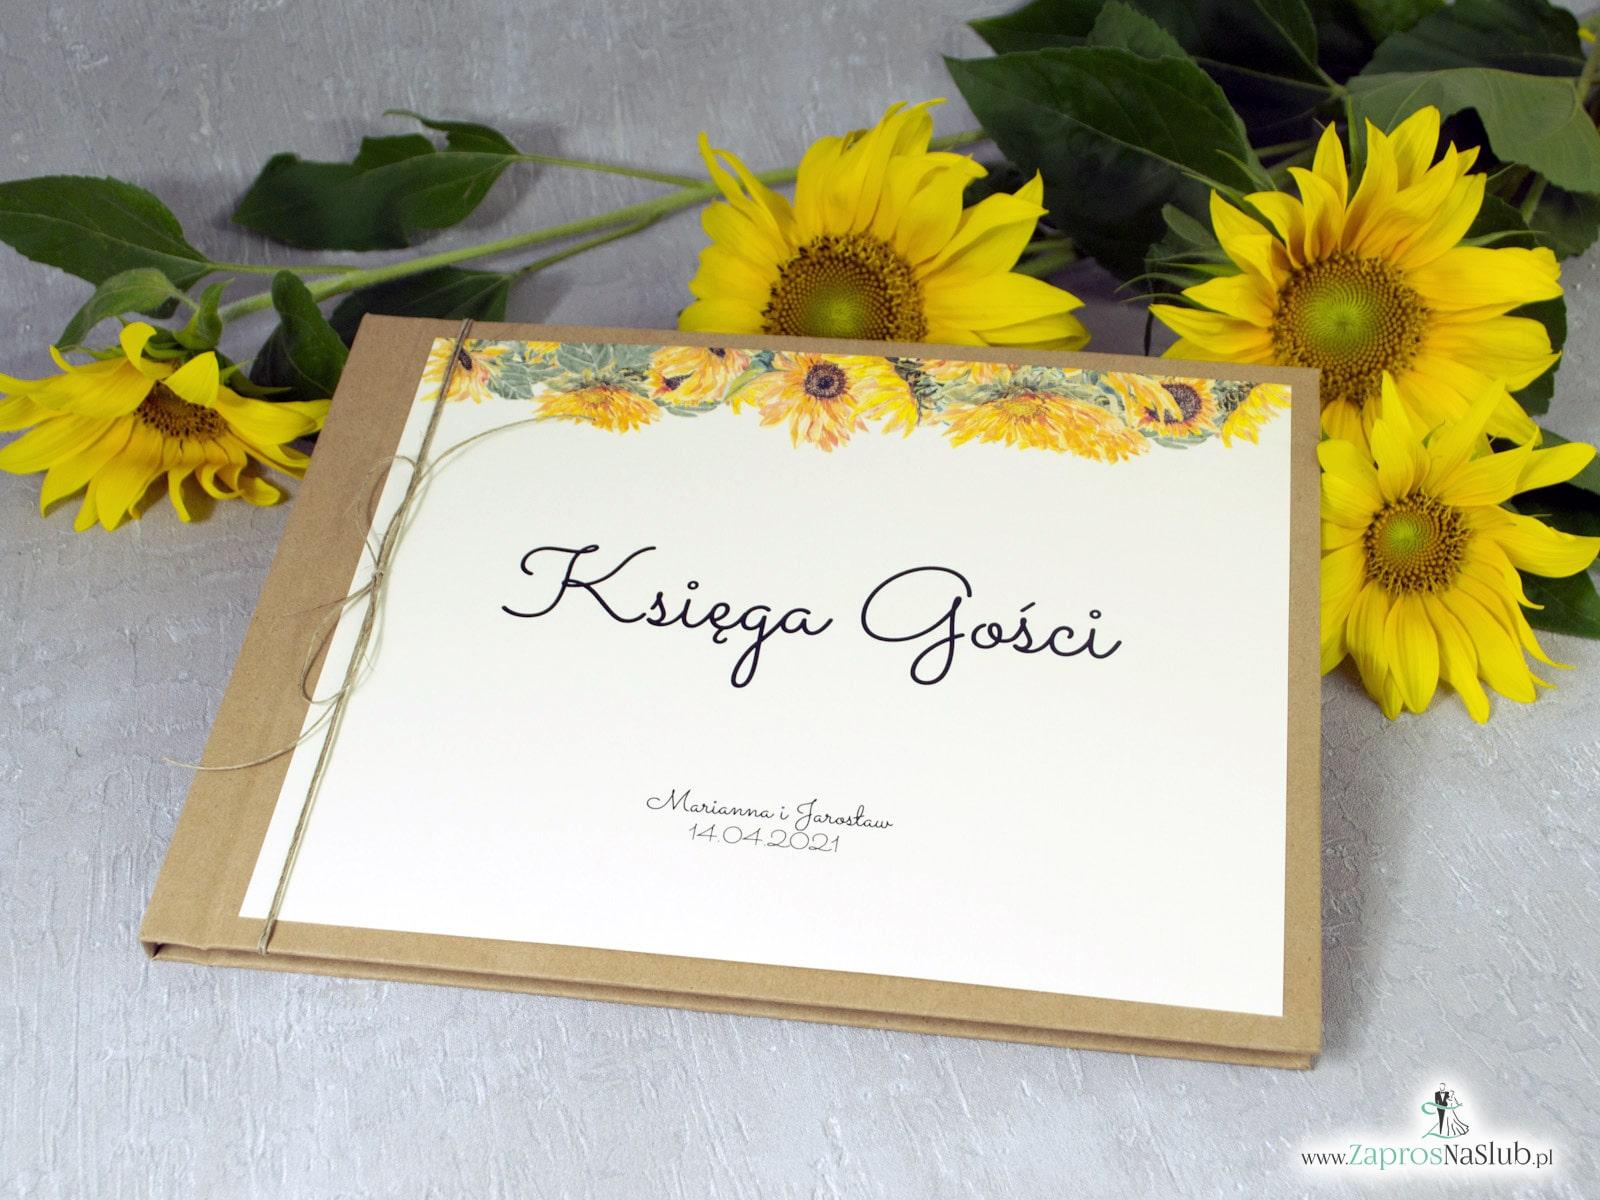 Księga gości - słoneczniki na eko w stylu rustykalnym. KSG-133